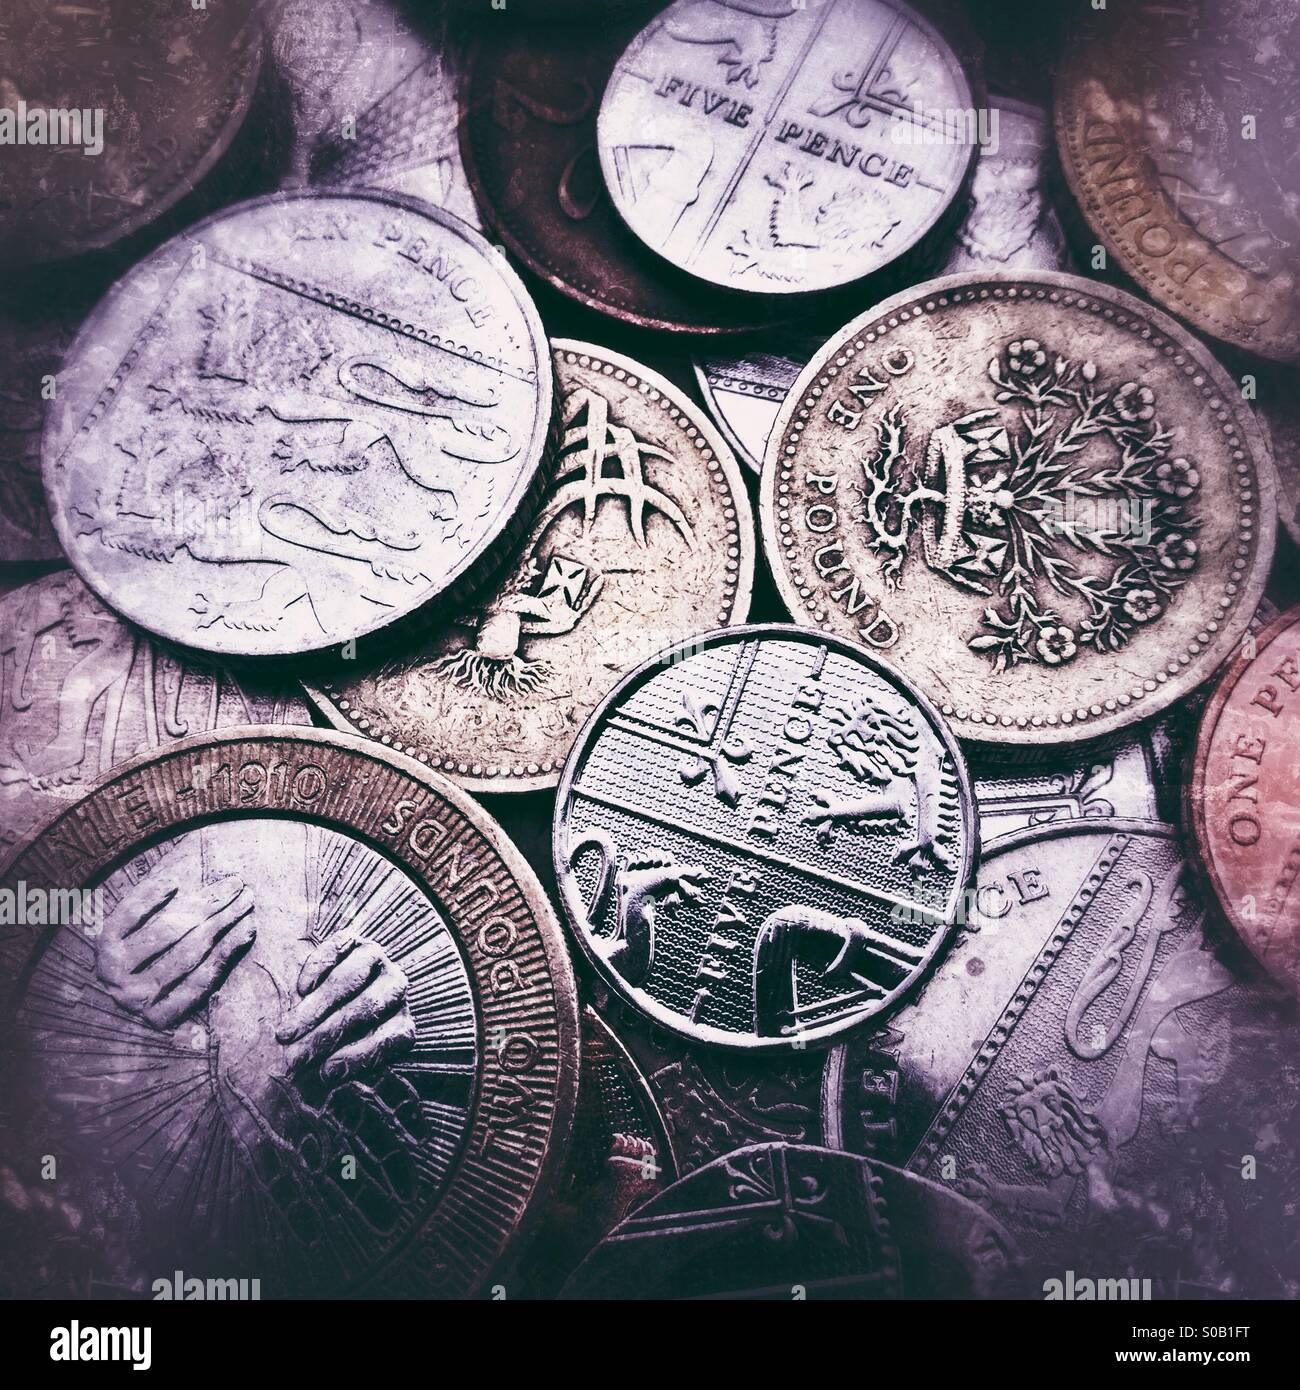 Uno sfondo di monete Britanniche con grunge filtri applicati Immagini Stock